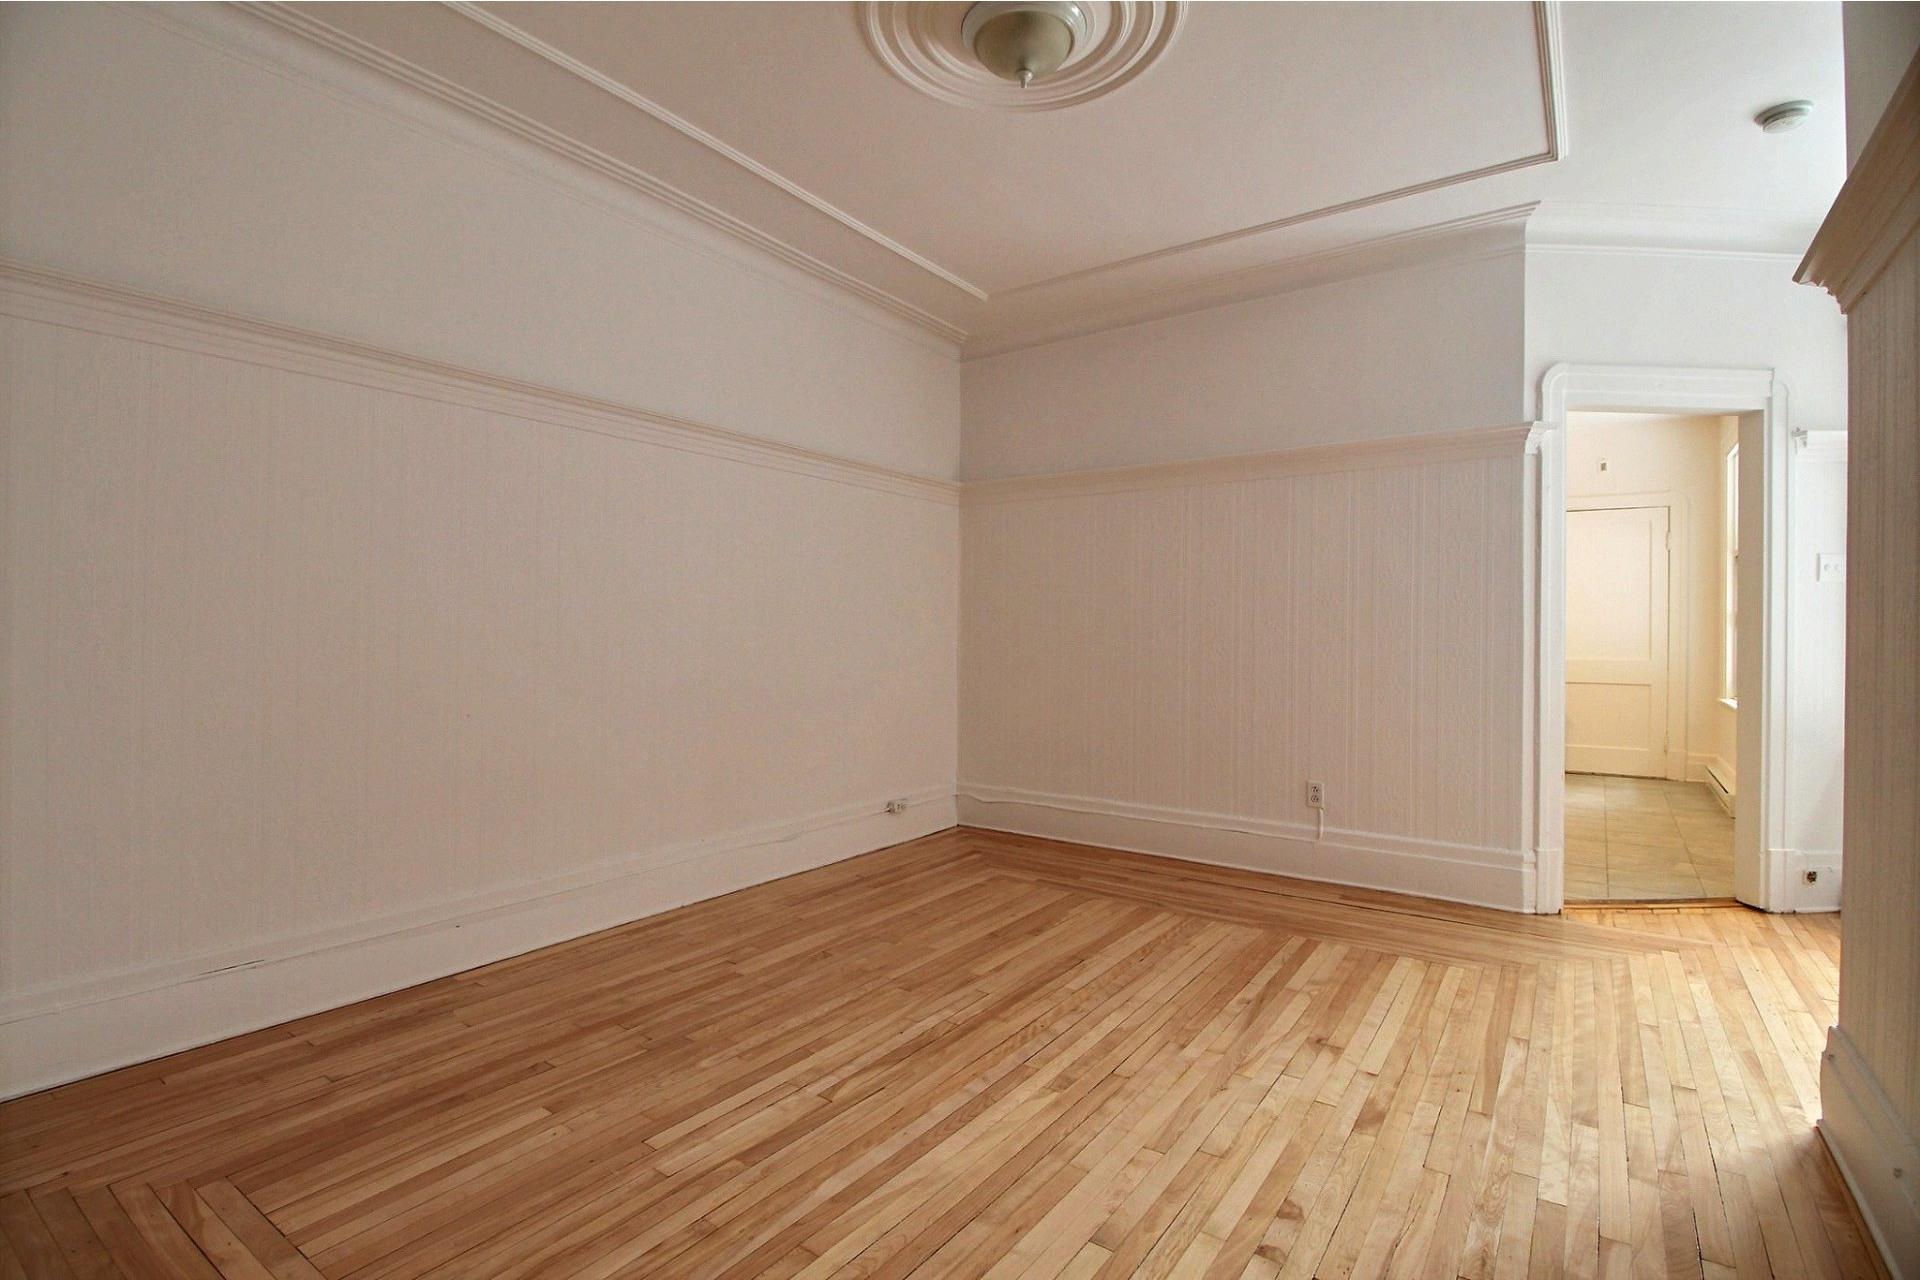 image 5 - Appartement À louer Rosemont/La Petite-Patrie Montréal  - 8 pièces